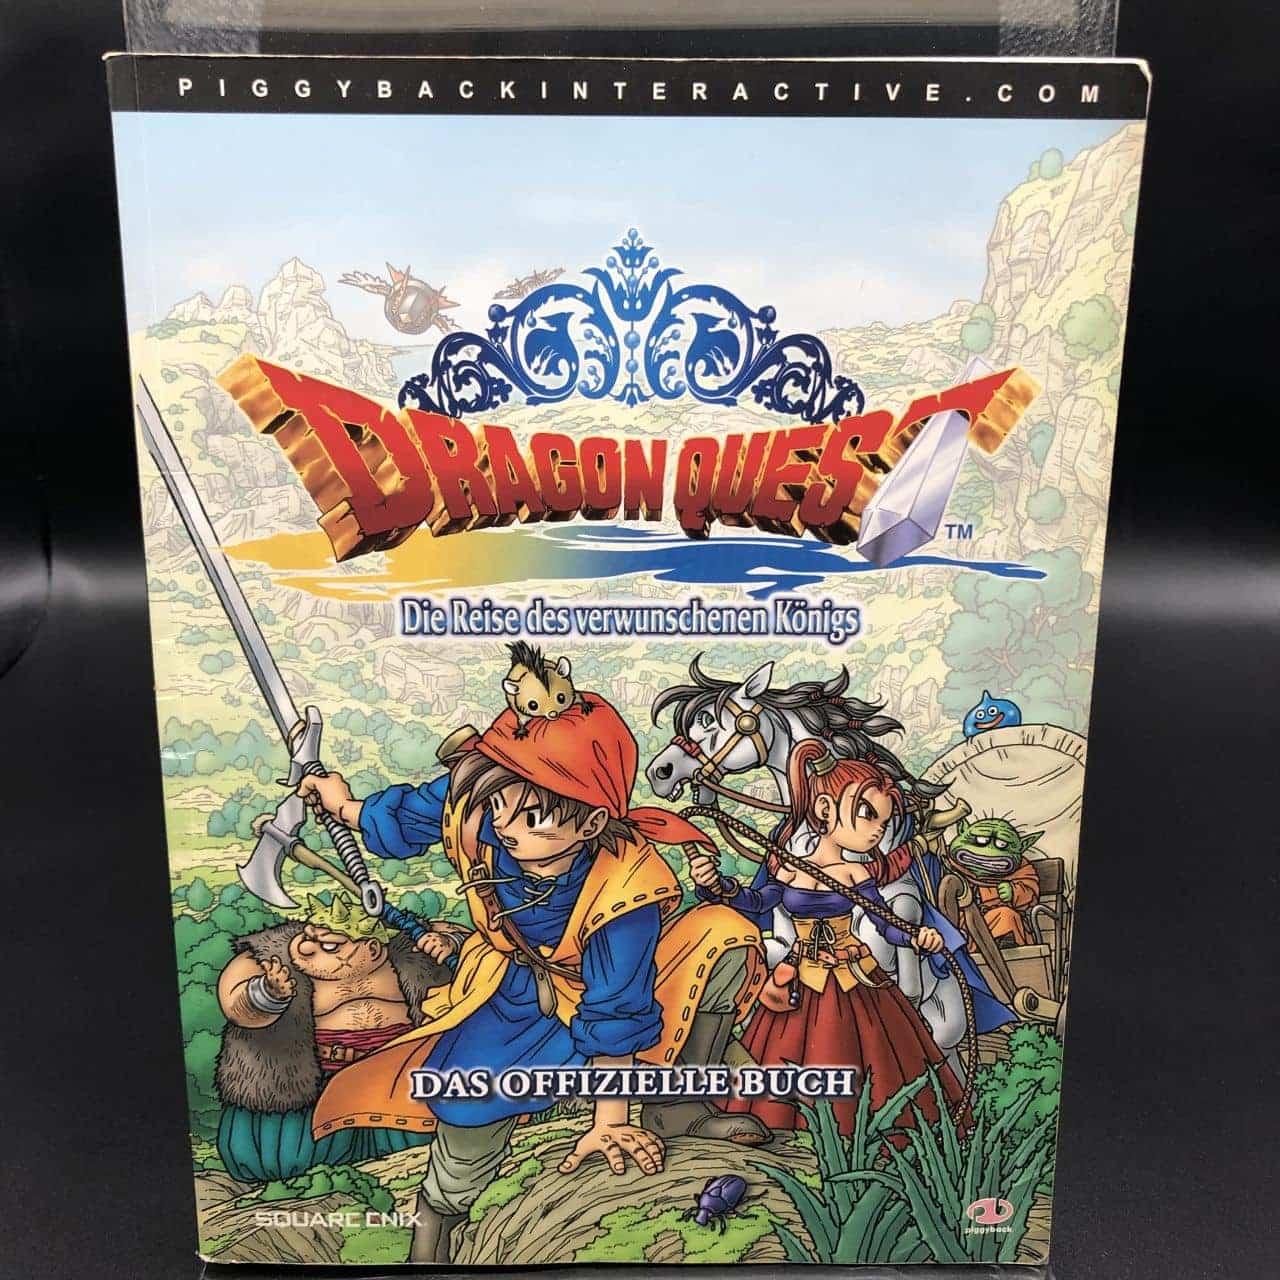 Dragon Quest: Die Reise des verwunschenen Königs  (Spieleberater / Das Offizielle Buch) (Gut)